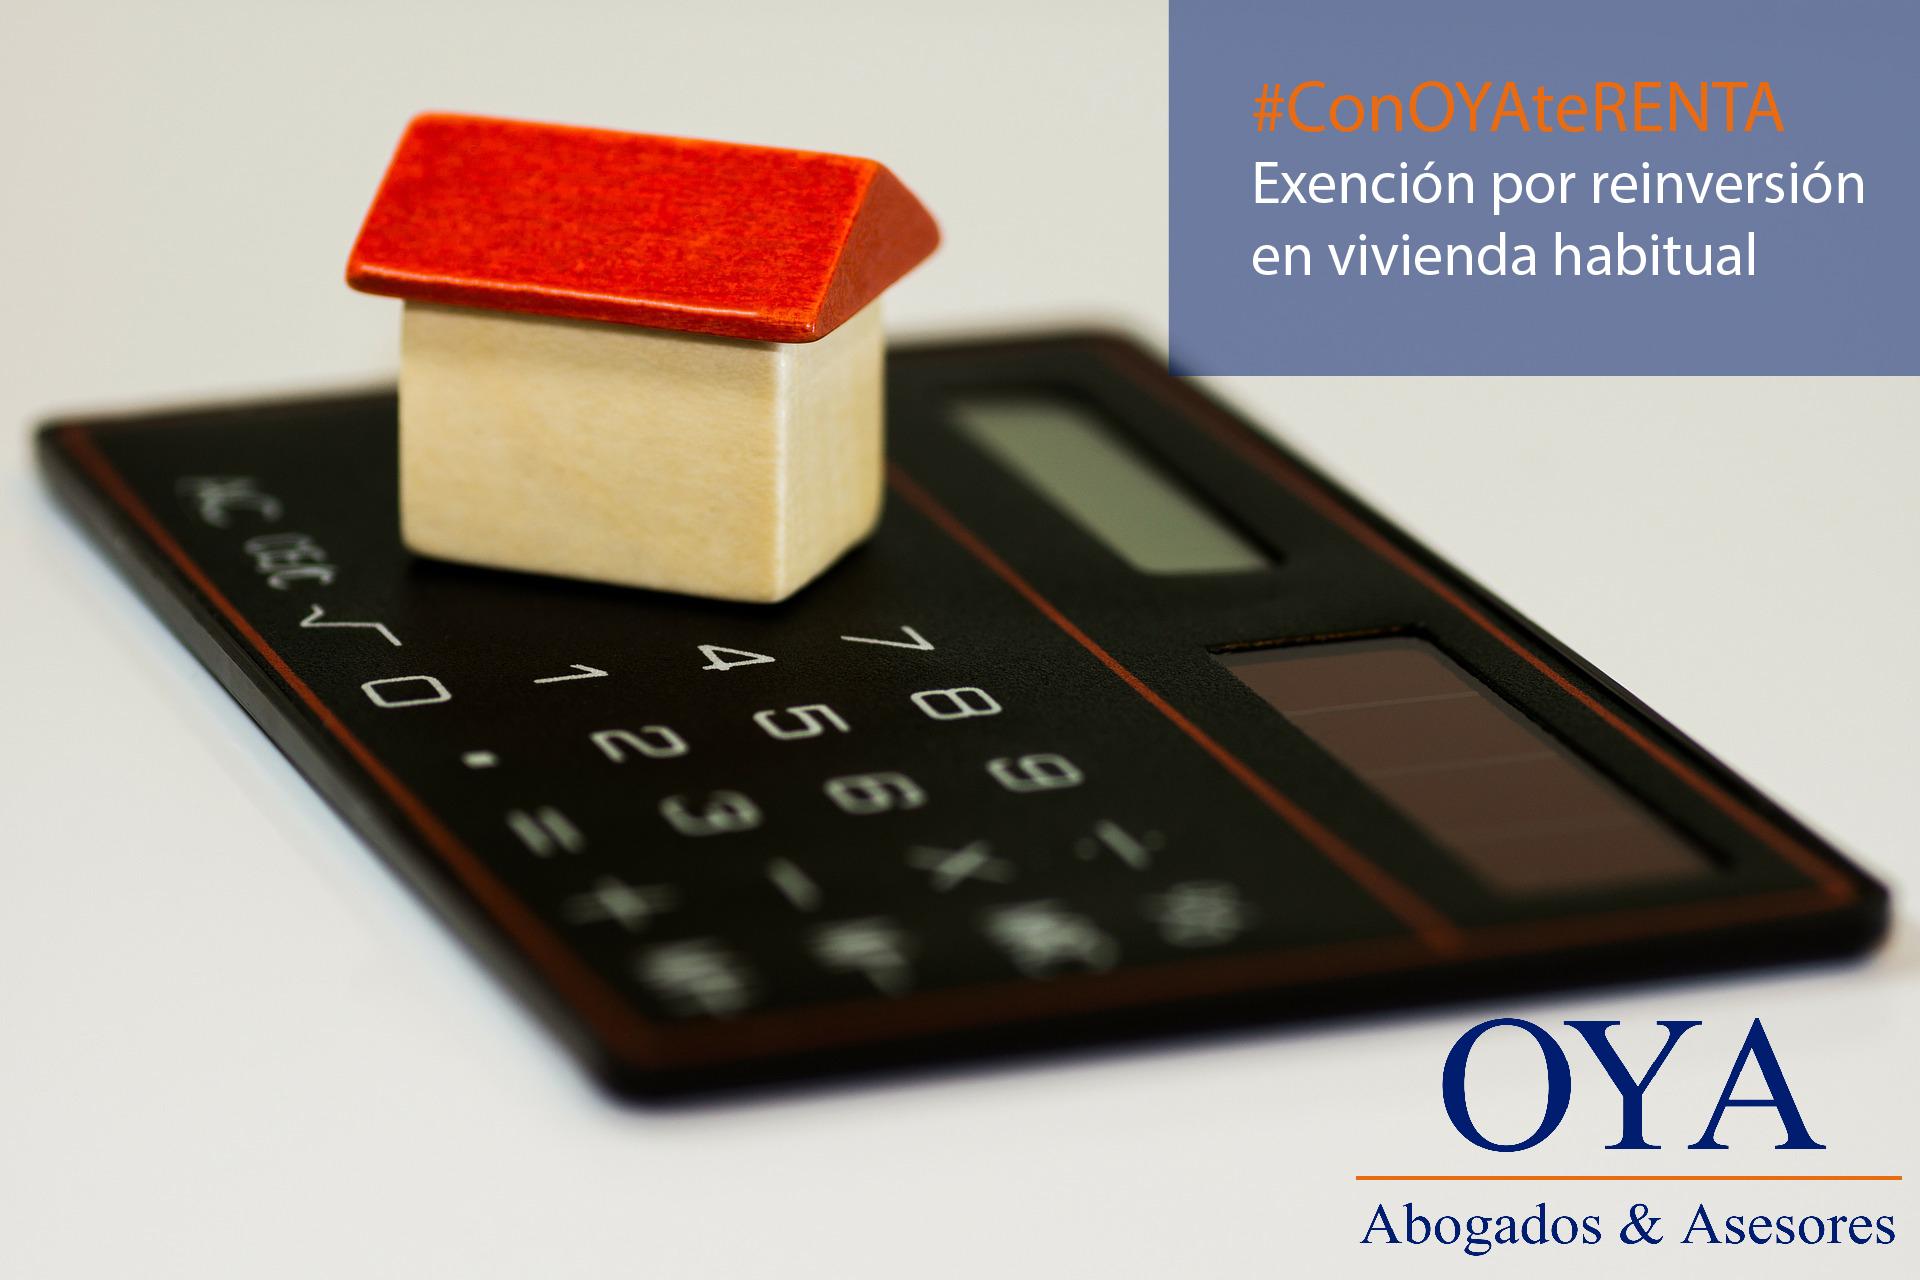 Exención por reinversión de vivienda habitual en tu Declaración de la Renta